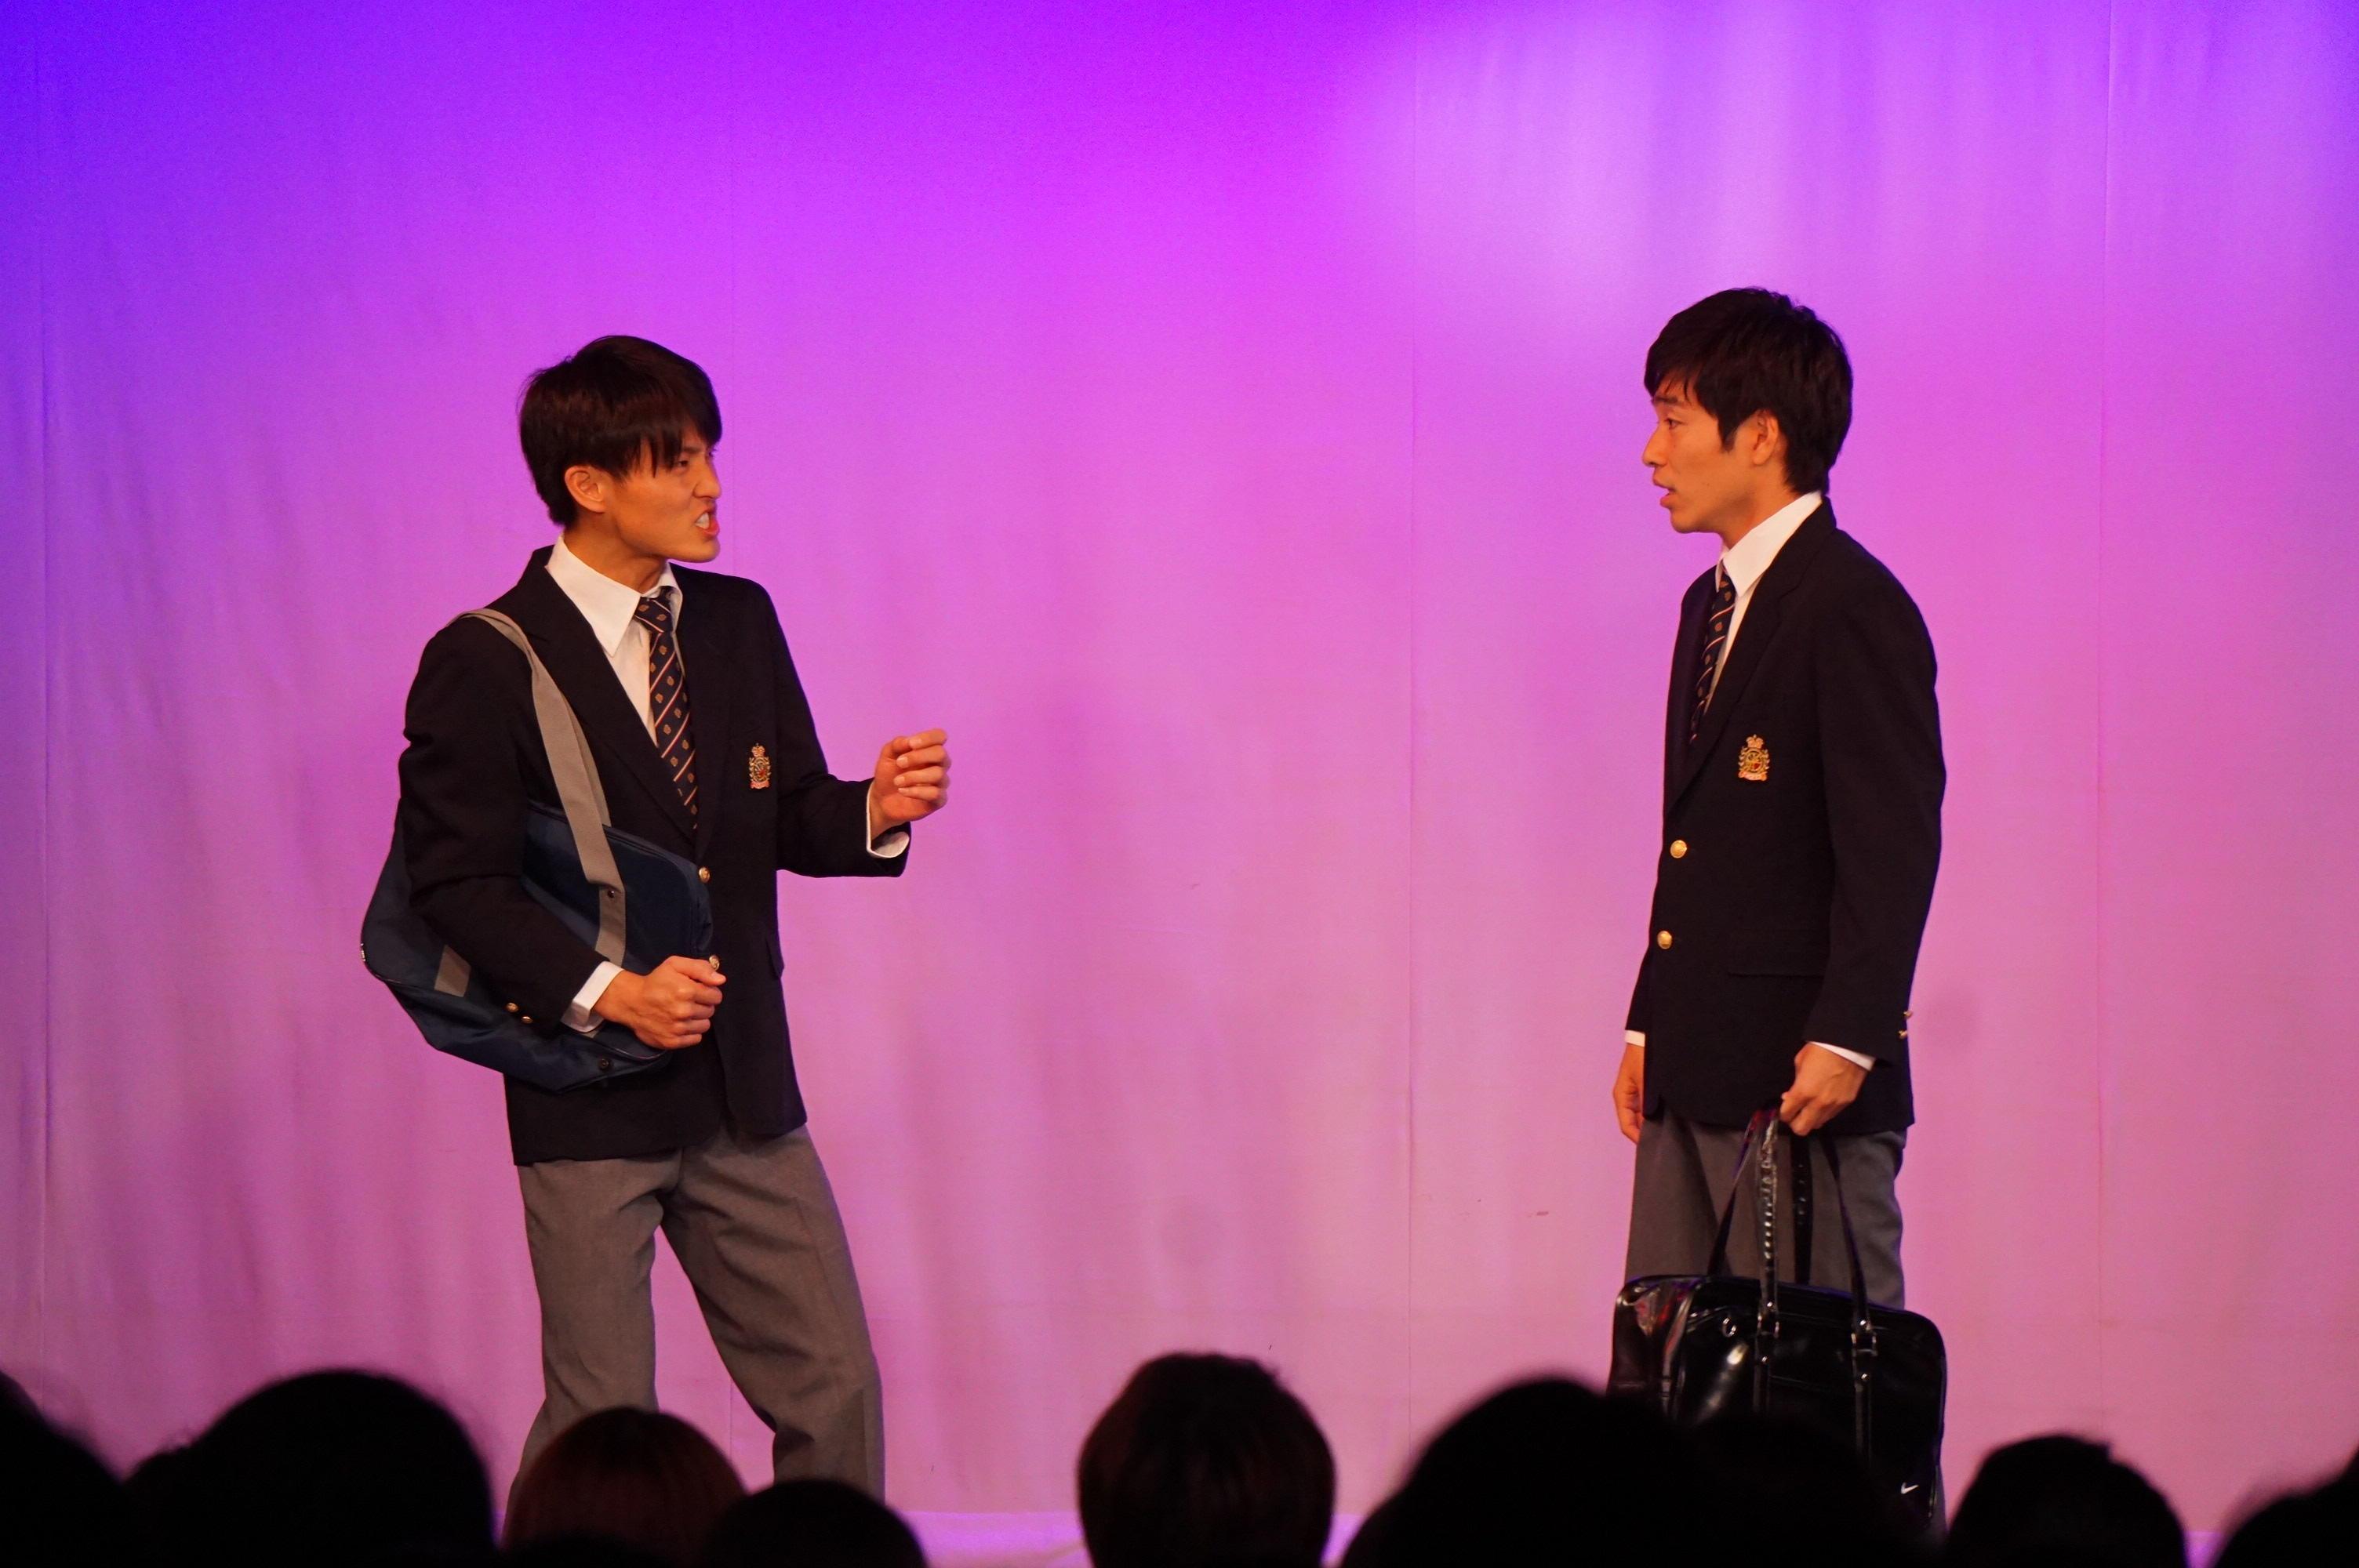 http://news.yoshimoto.co.jp/20161115185908-83a45e6035c9bcbe1a60e5ae97b2e931347aaa59.jpg